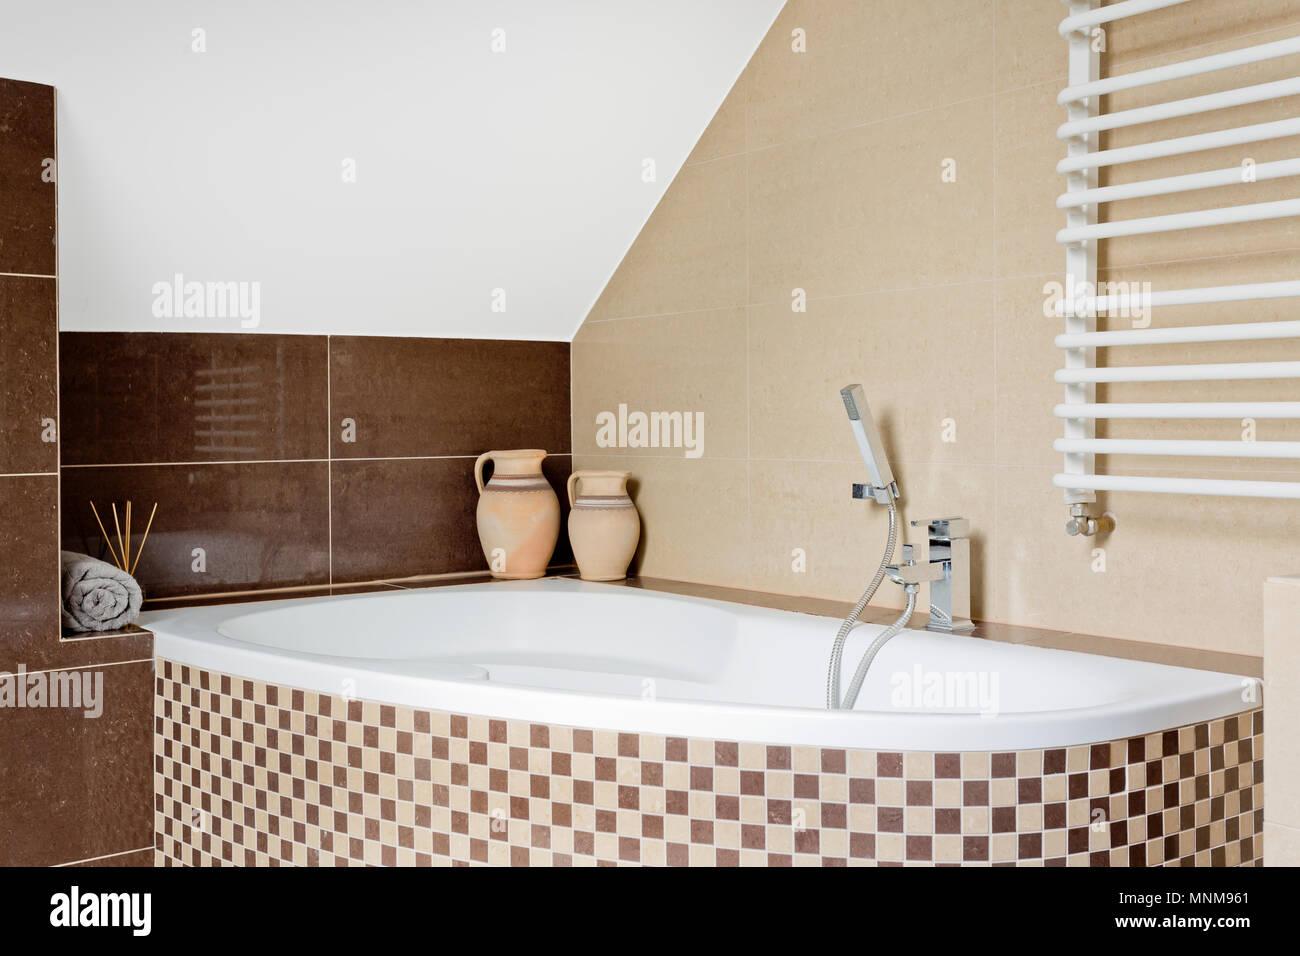 Luxuriöses Badezimmer Einrichtung in Braun mit Mosaik Fliesen ...